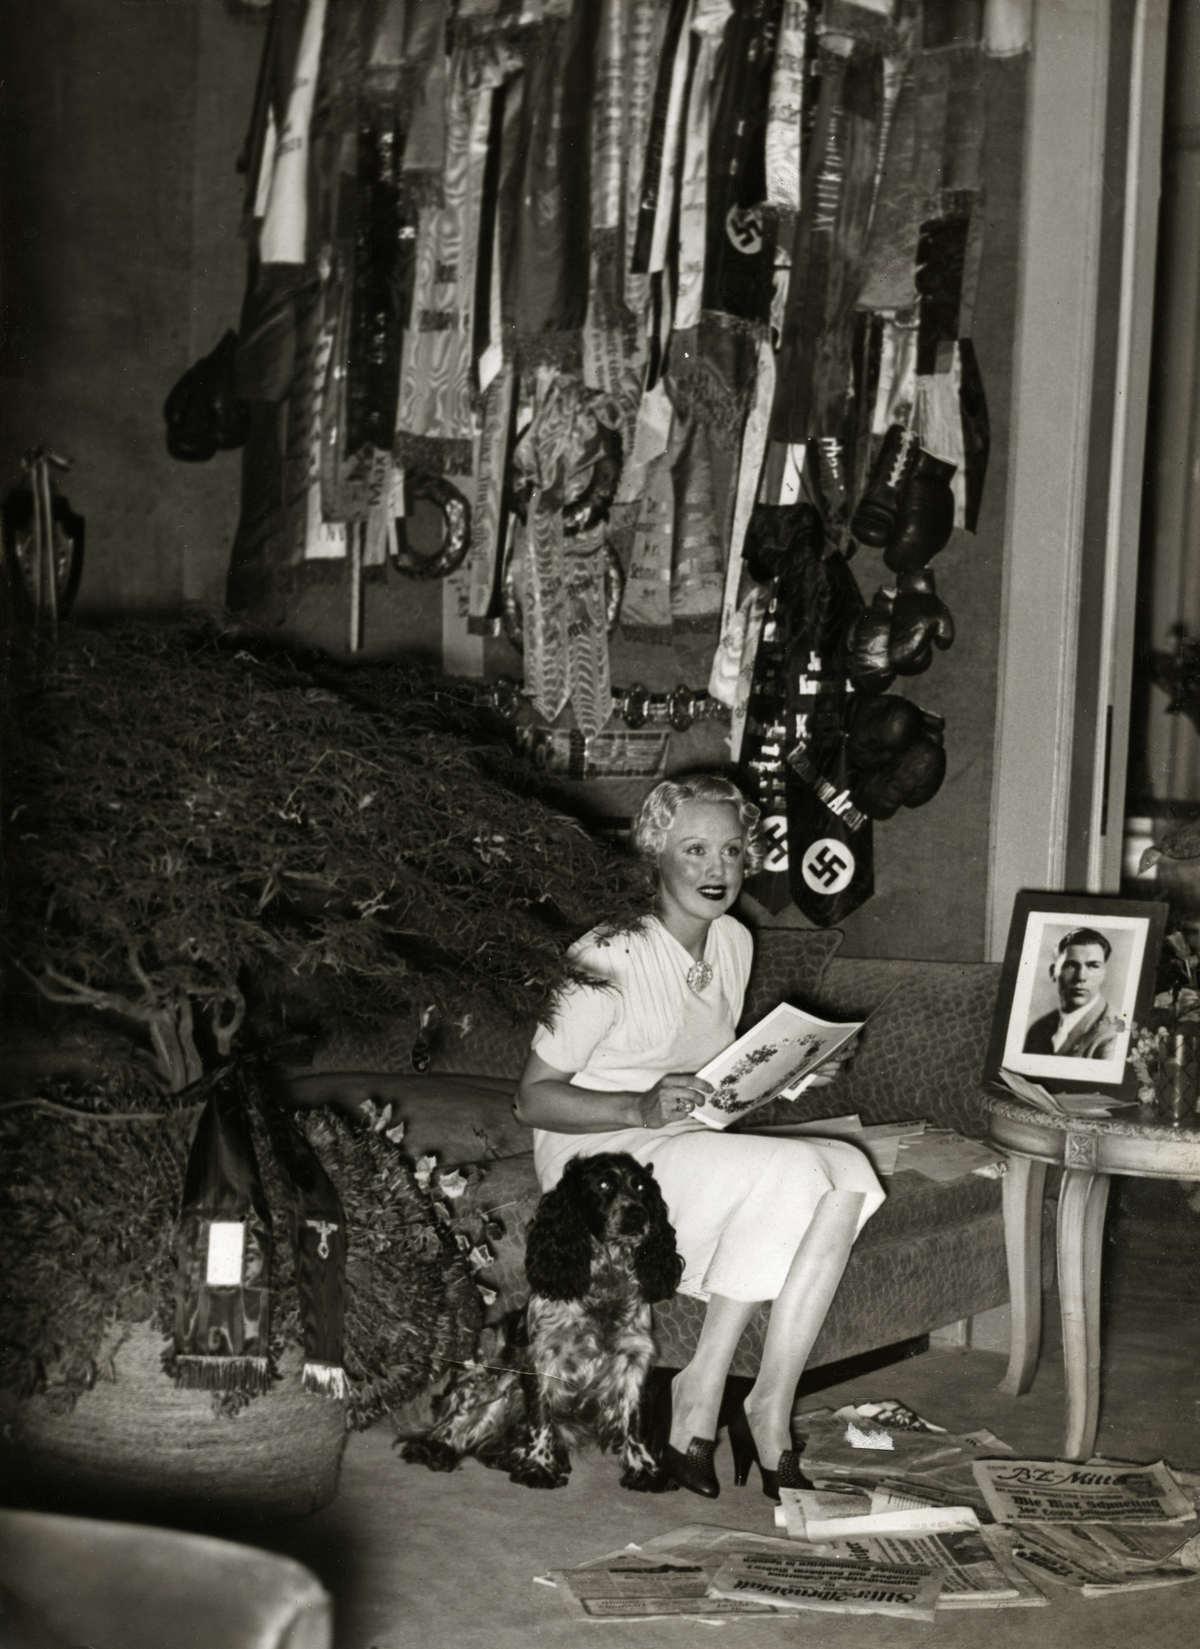 Voor de Teede Wereldoorlog. Mevrouw Max Schmeling - de actrice Annie Ondra - in 1936 in haar huis in Berlijn, temidden van de door Max Schmeling gewonnen medailles en erelinten (met hakenkruis!), na de overwinning van haar man op de Amerikaanse bokser Joe Louis. Duitsland. 1936.